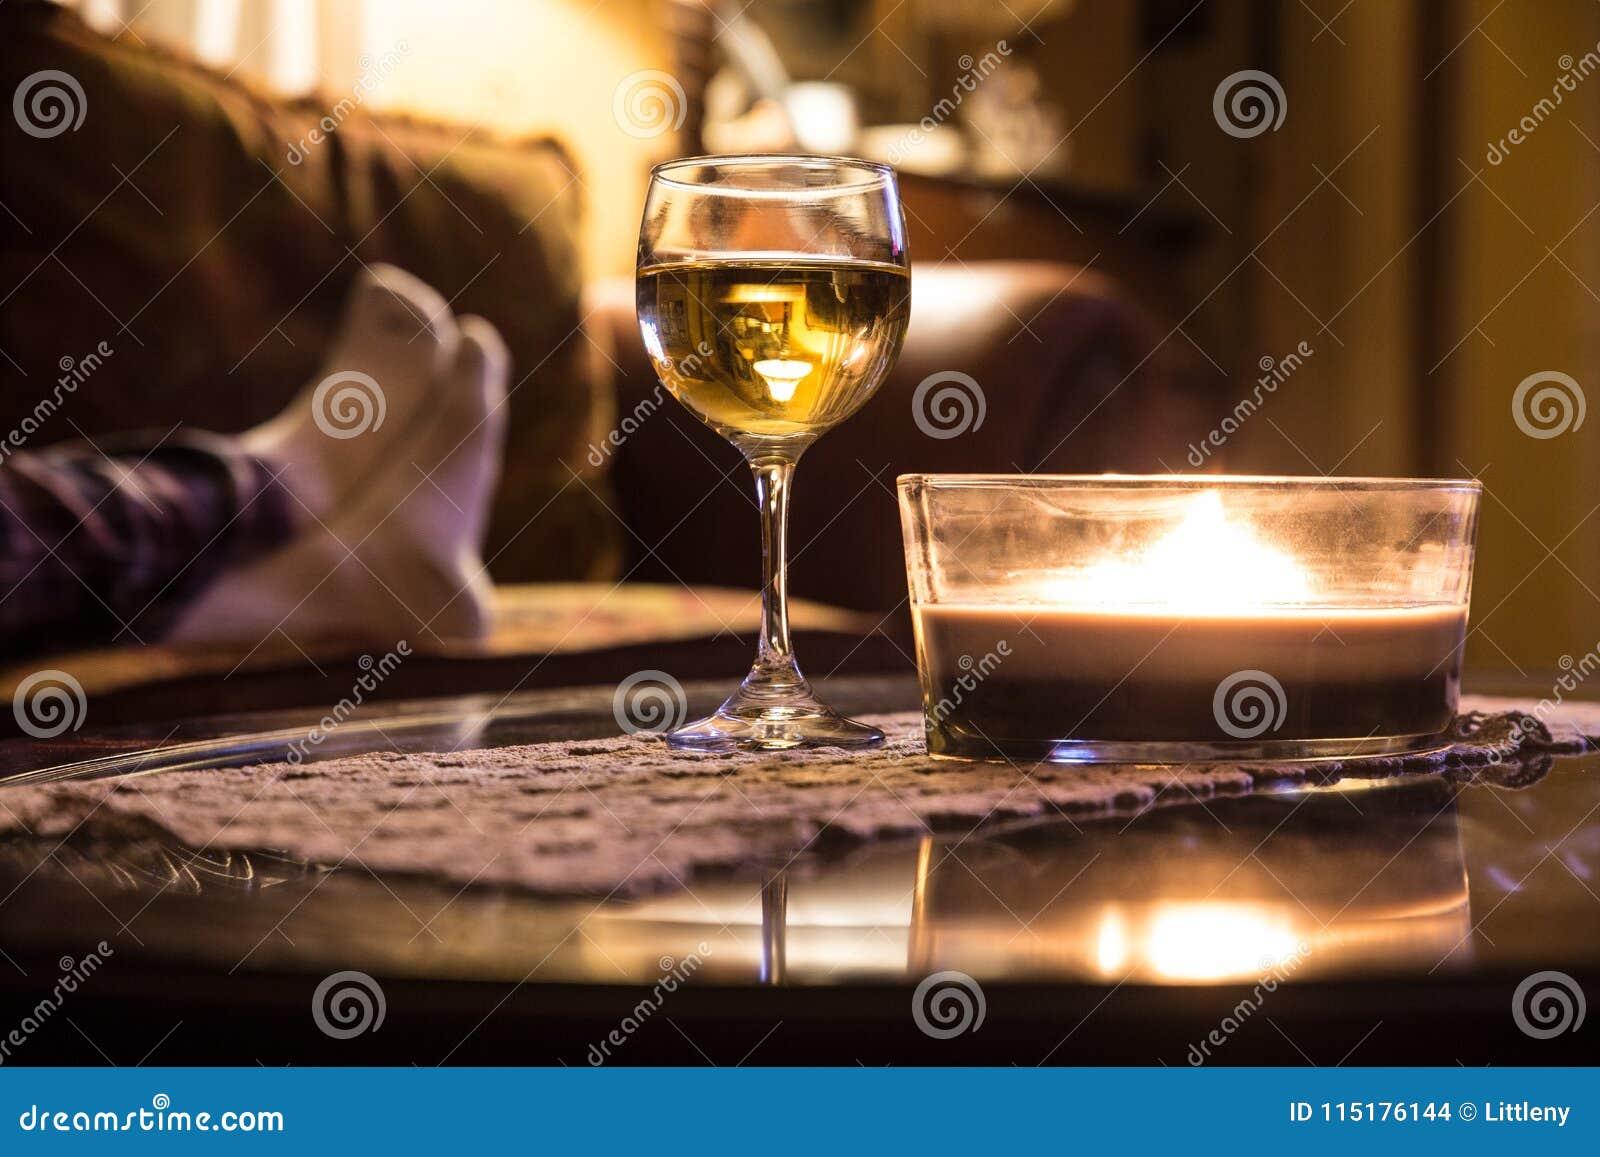 Entspannung Mit Weinglas Und Kerze Stockfoto Bild Von Kerzen